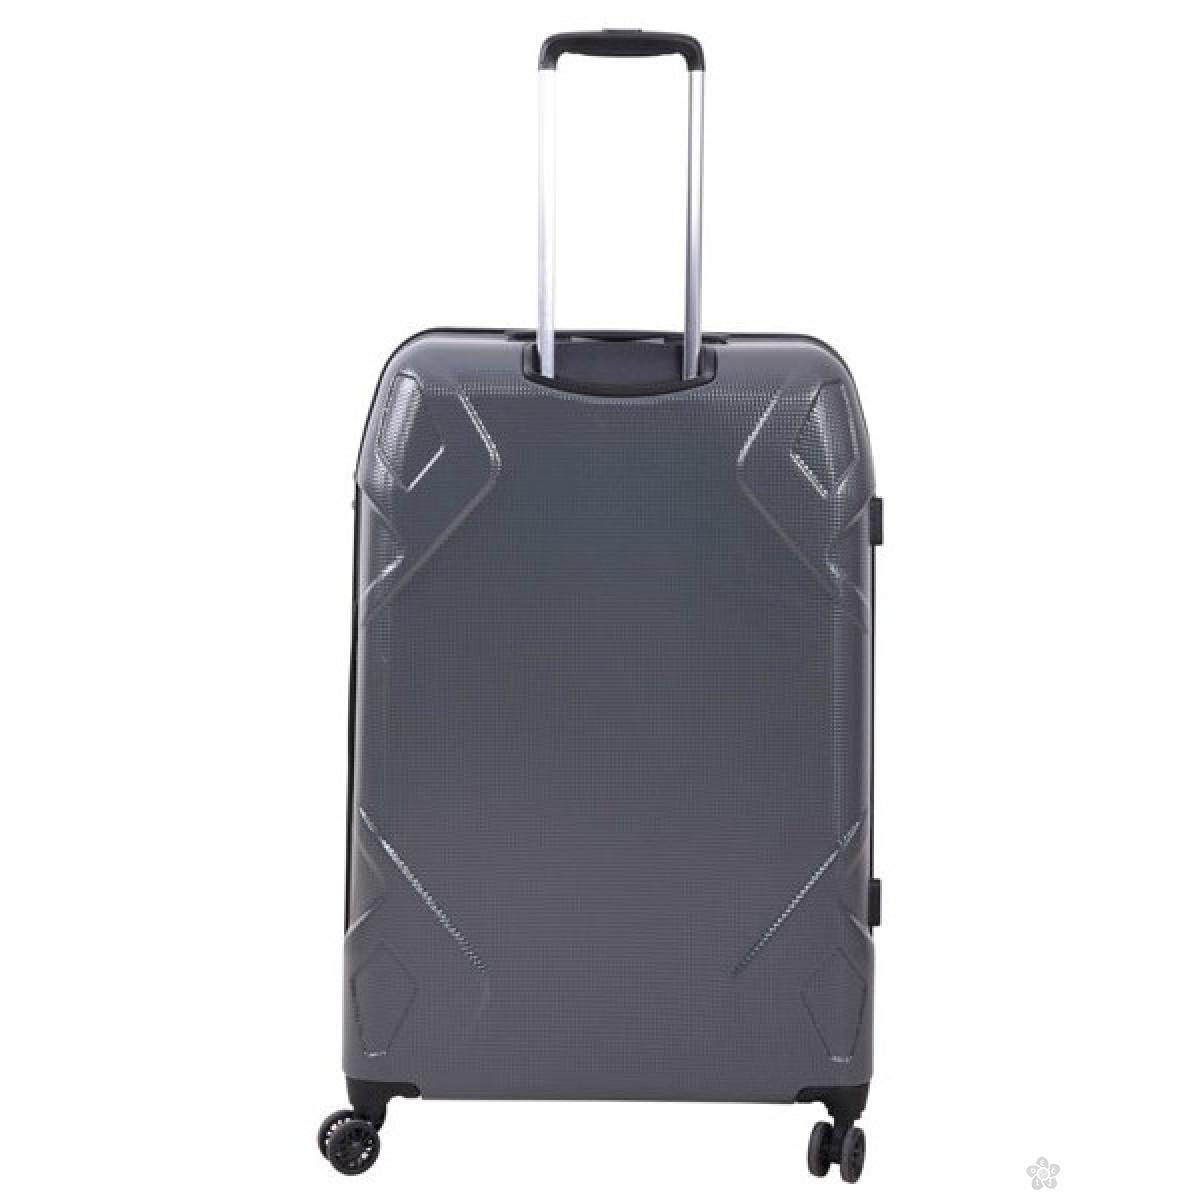 Kofer Pulse Soho sivi 28inch X21161